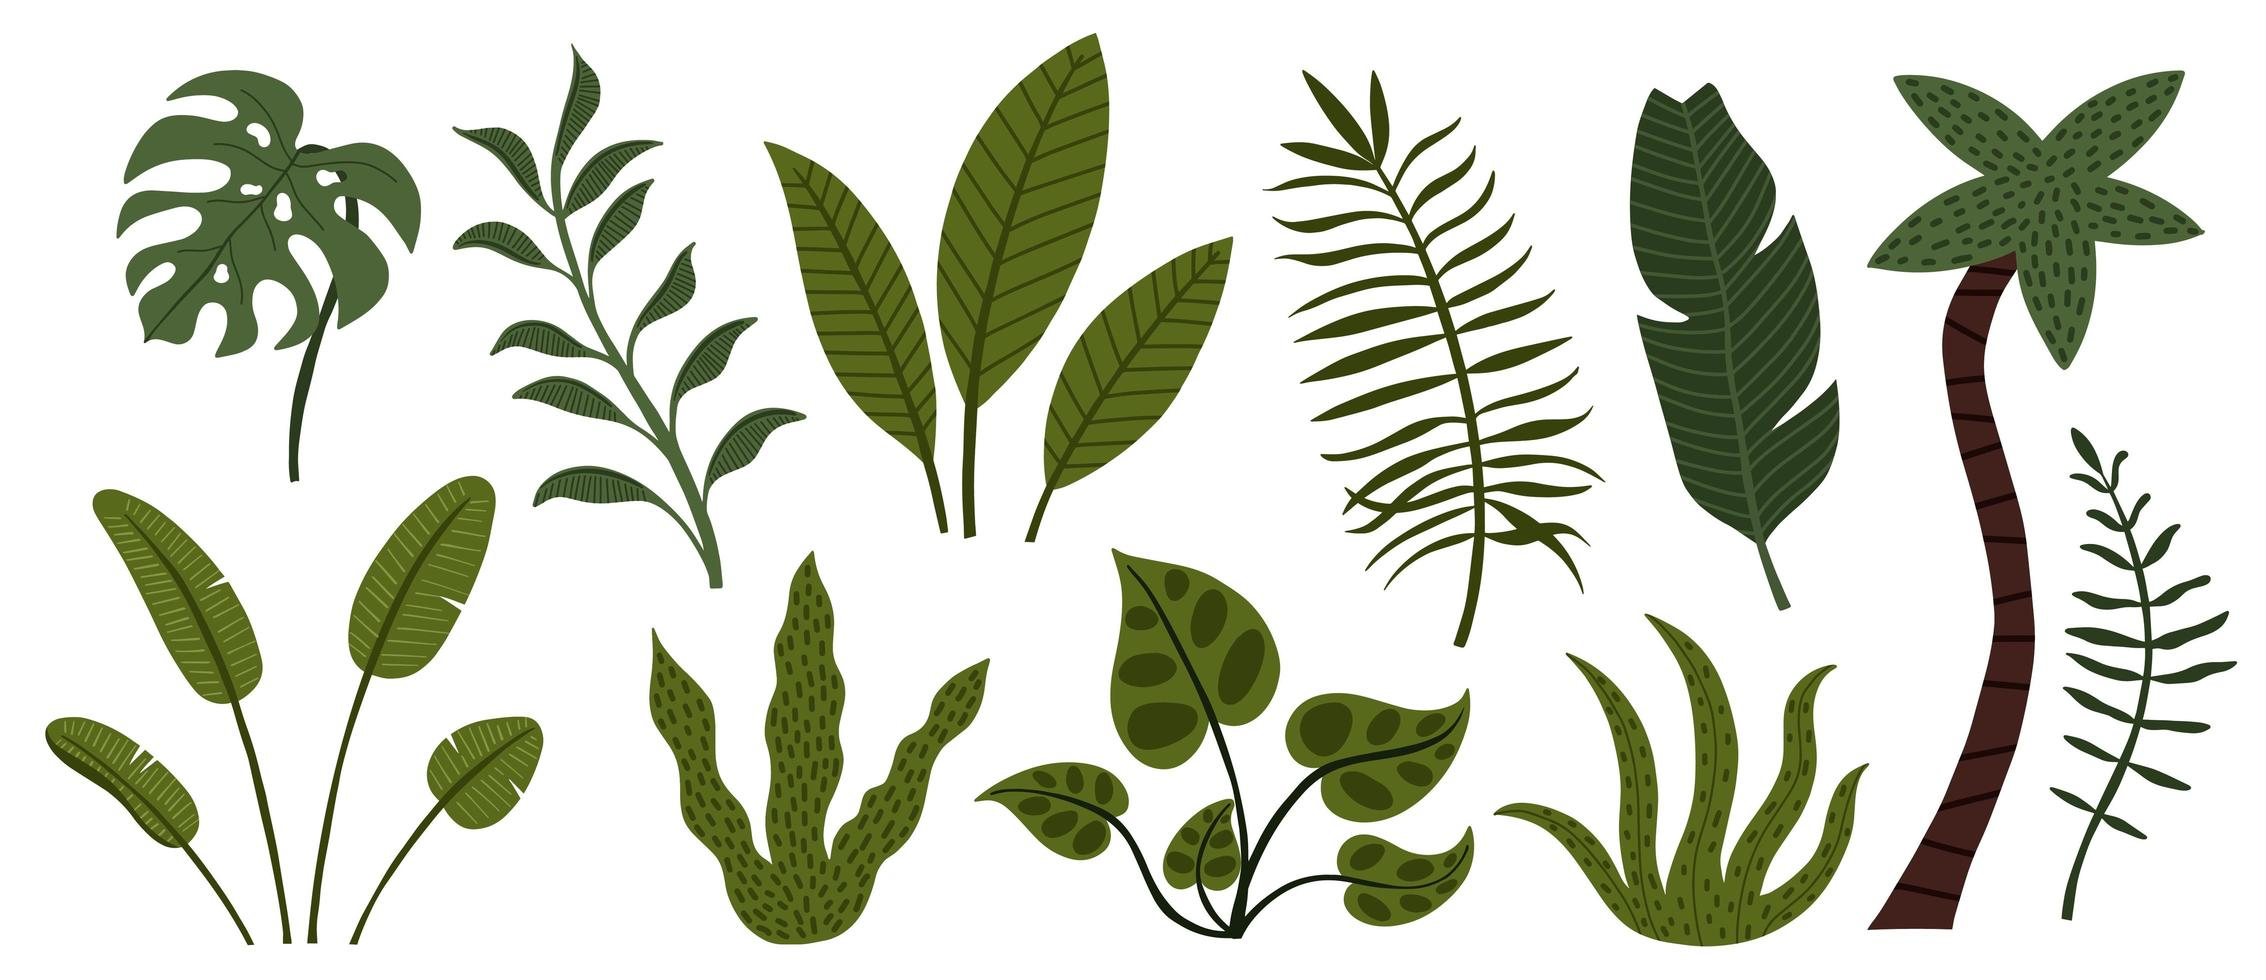 ensemble de feuilles et darbres de jungle tropicale dessinés à la main vecteur